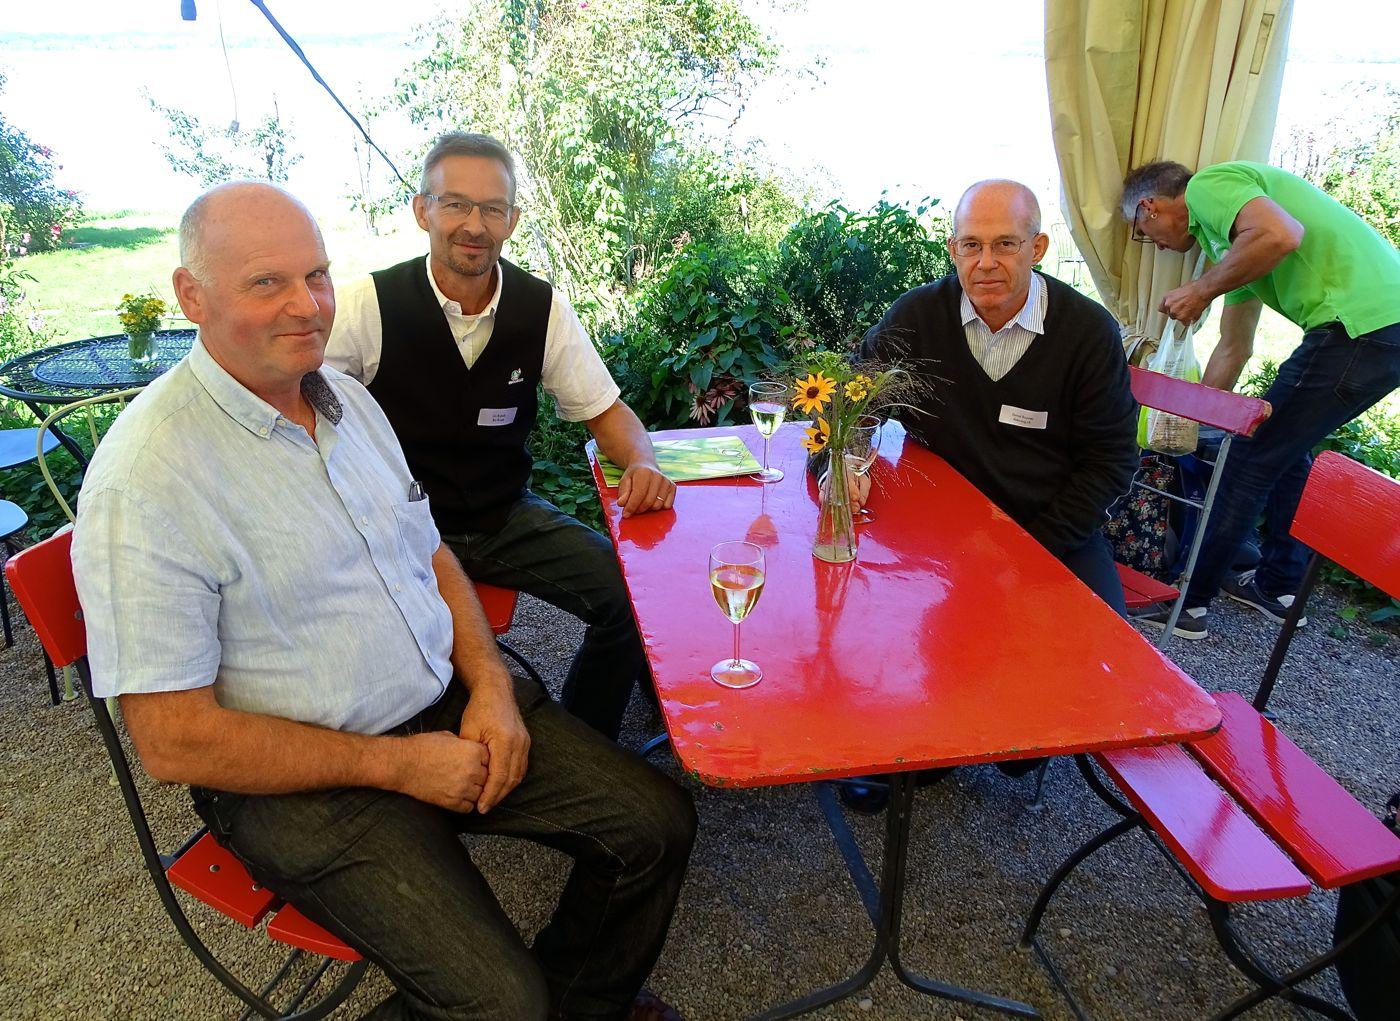 Heute entspannt, damals als «Biofritzen» angefeindet: Der Zuger Landwirt Toni Niederberger (l.) und Daniel Brunner (r.), zusammen mit Urs Brändli, Präsident von Bio Suisse.